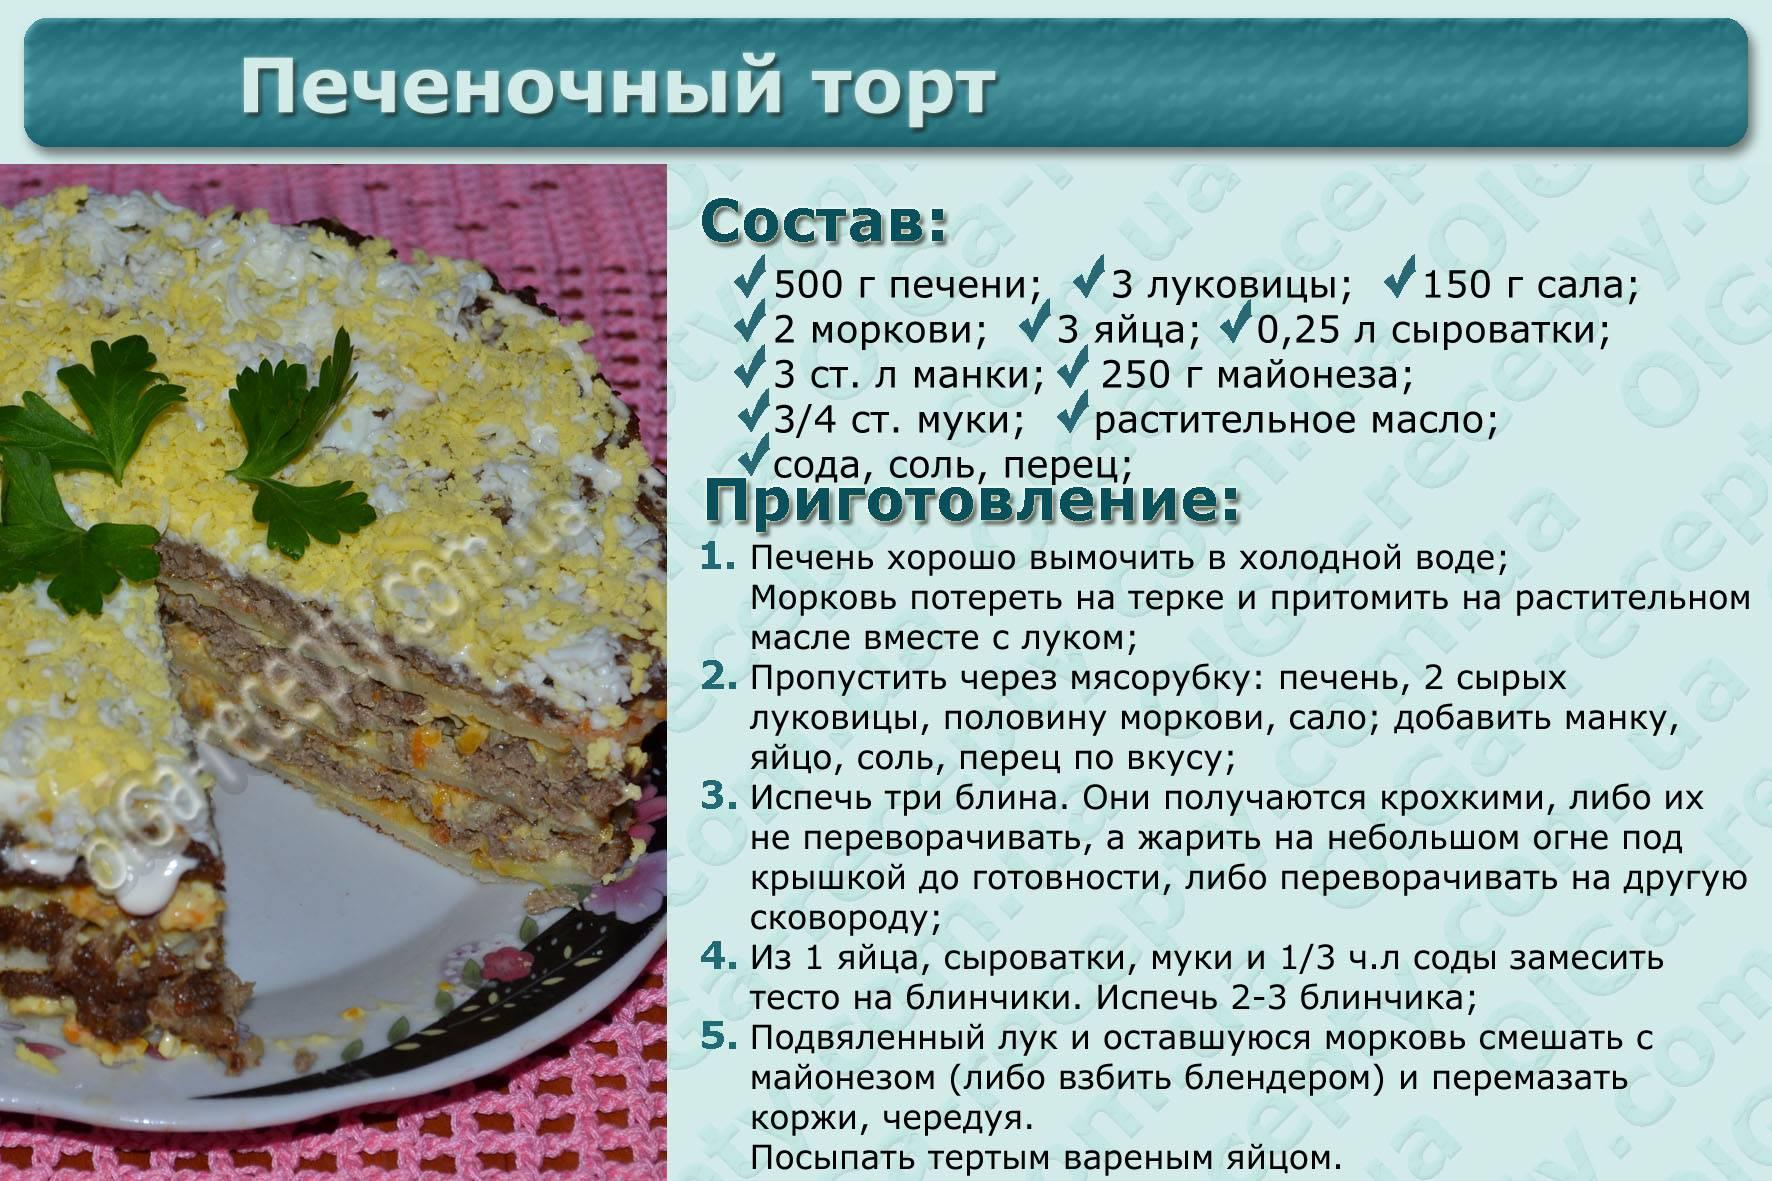 Печеночный торт — 10 самых вкусных рецептов с фото пошагово